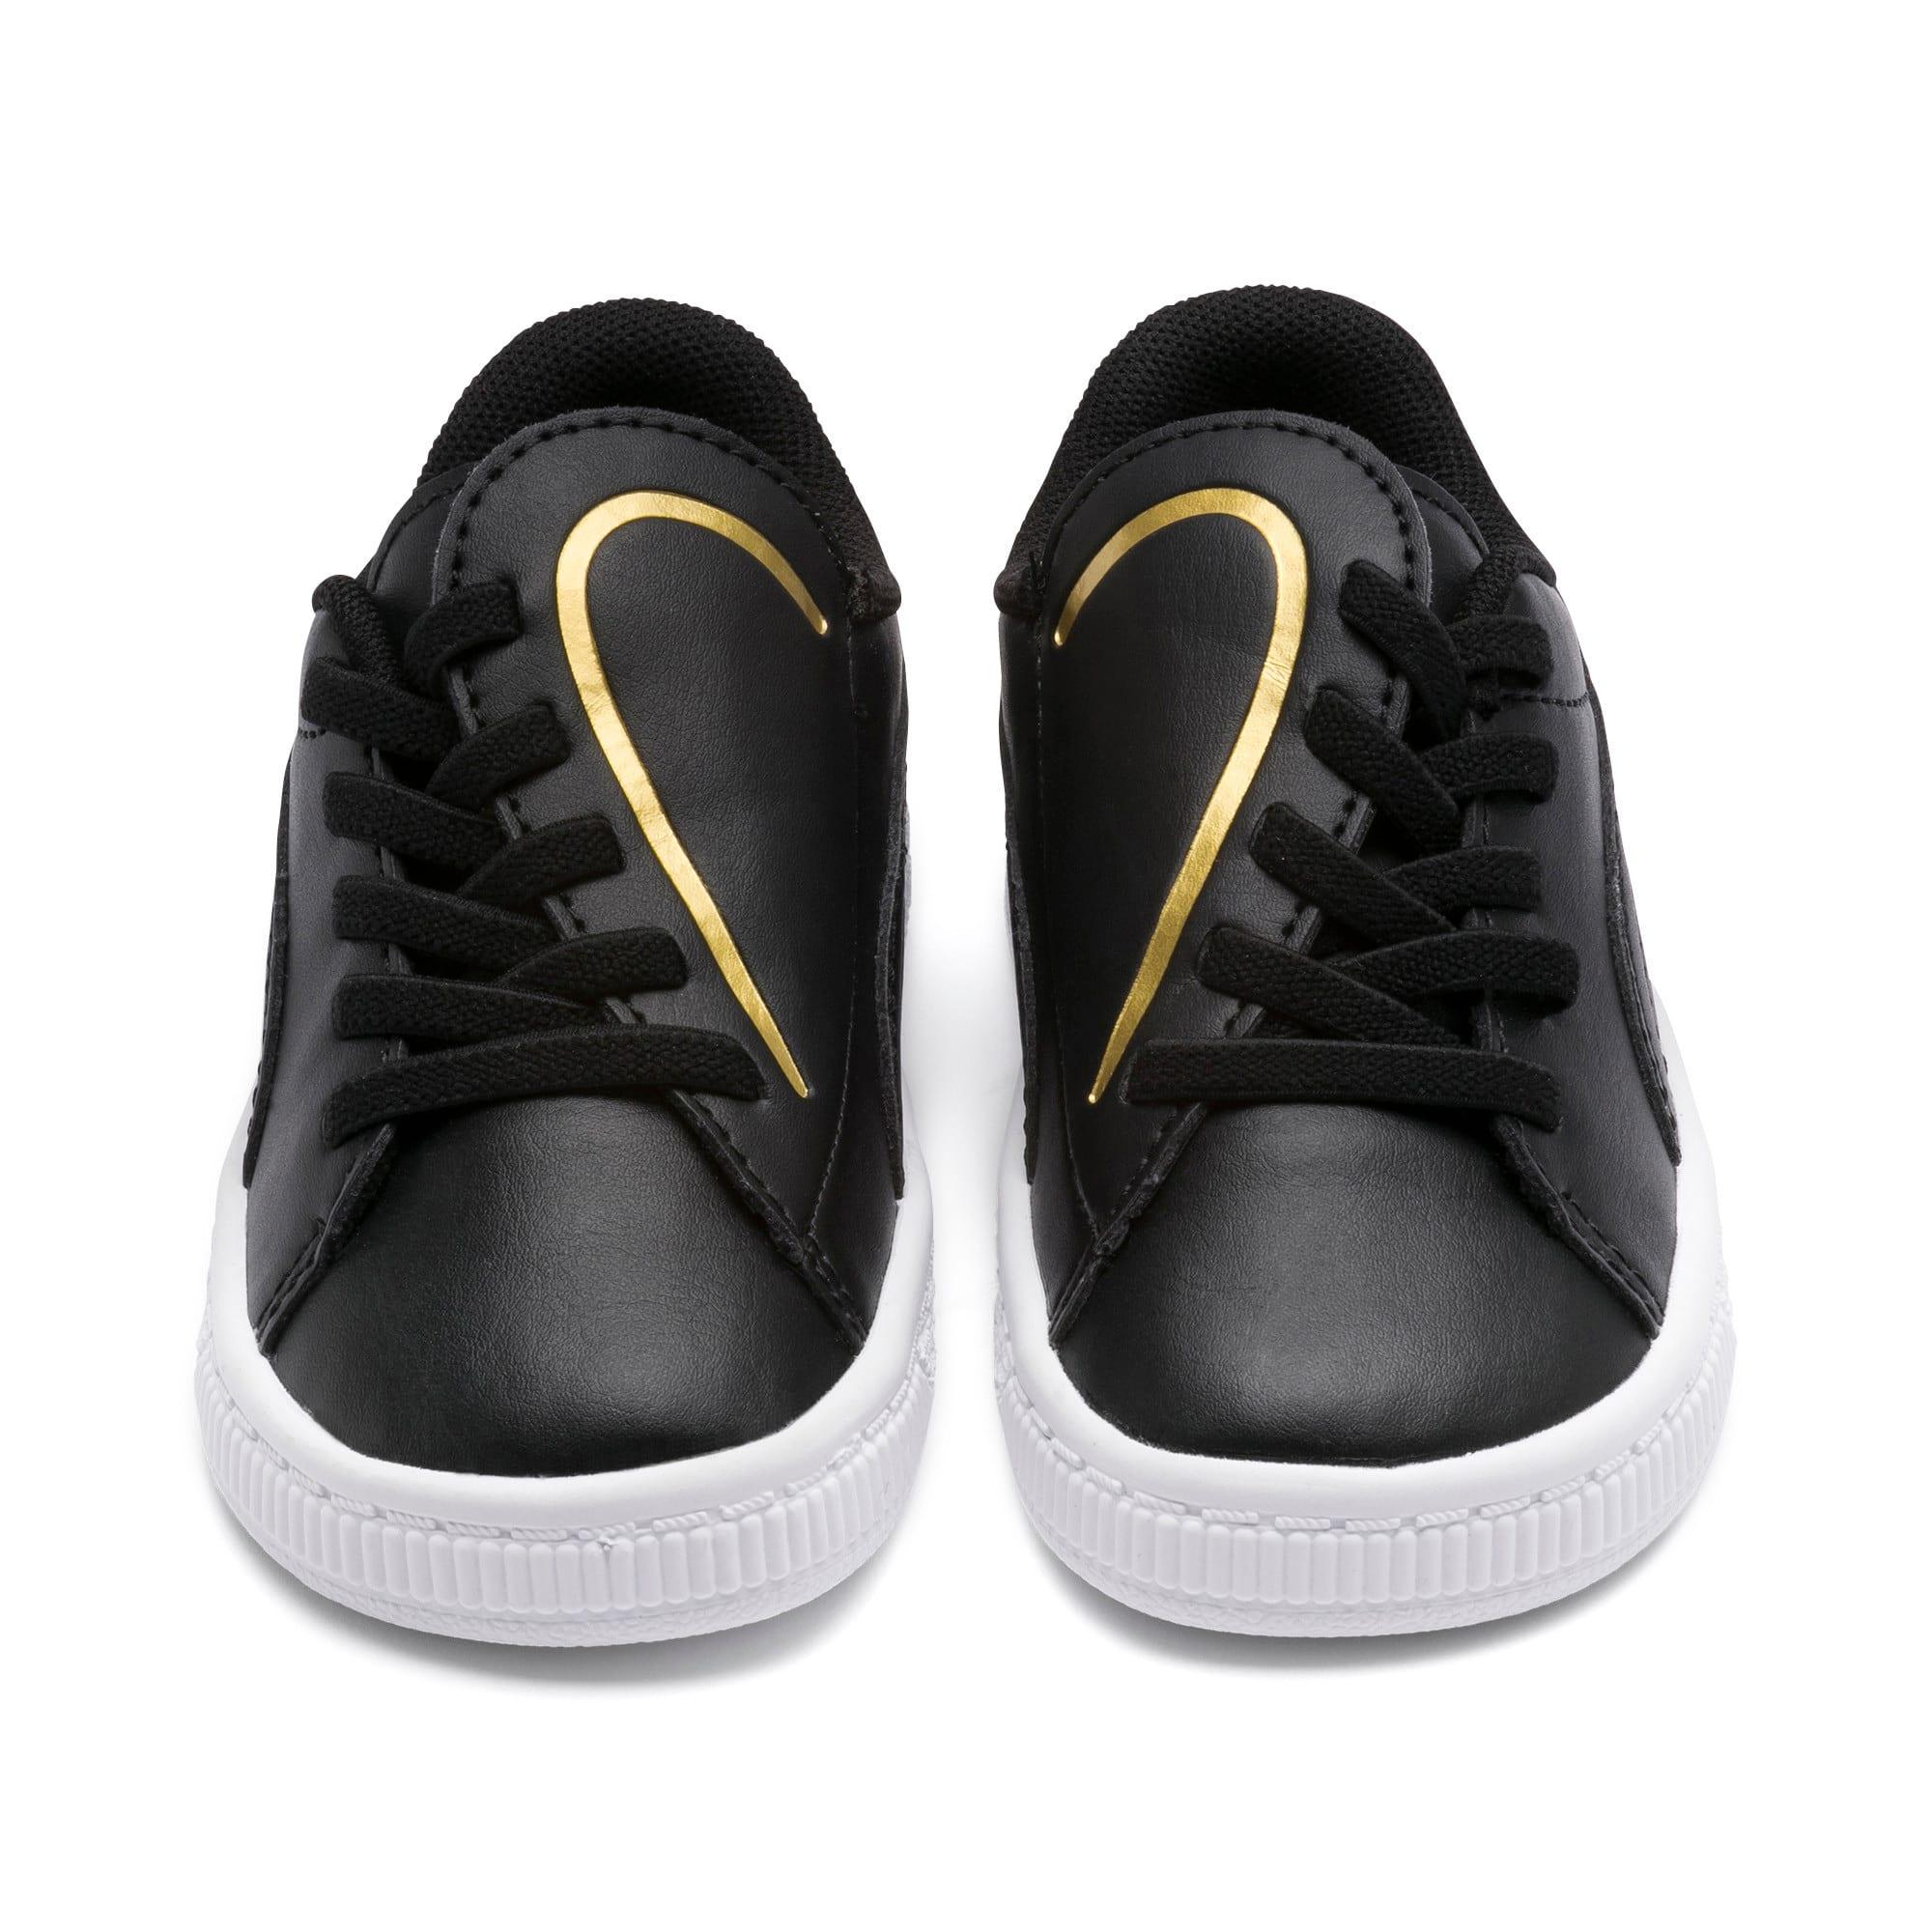 Miniatura 7 de Zapatos Basket Crush AC para bebés, Puma Black-Puma Team Gold, mediano